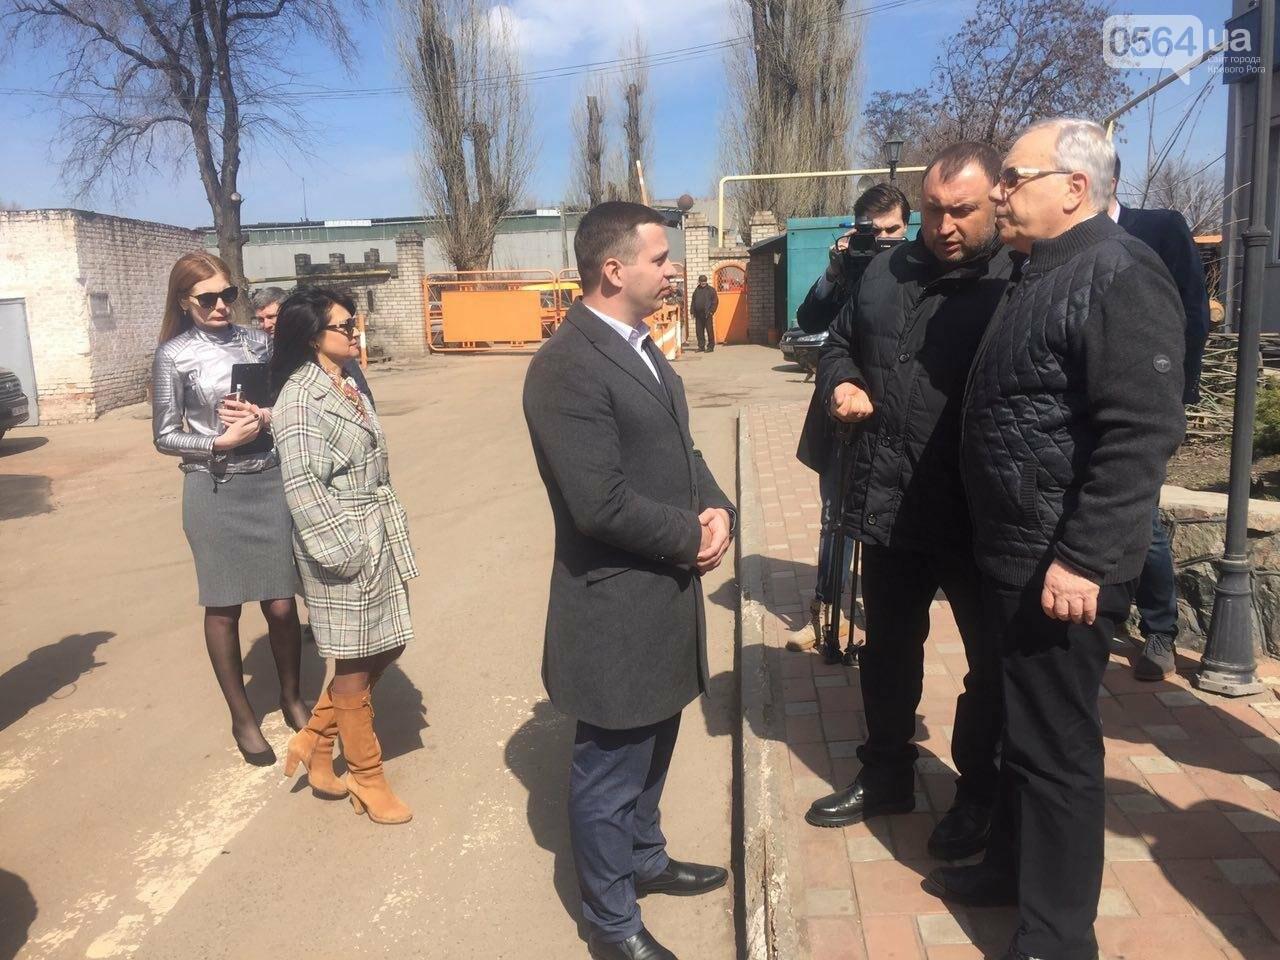 В Кривом Роге запустили первый асфальтный завод и рассказали о планах по ремонту дорог (ФОТО), фото-14